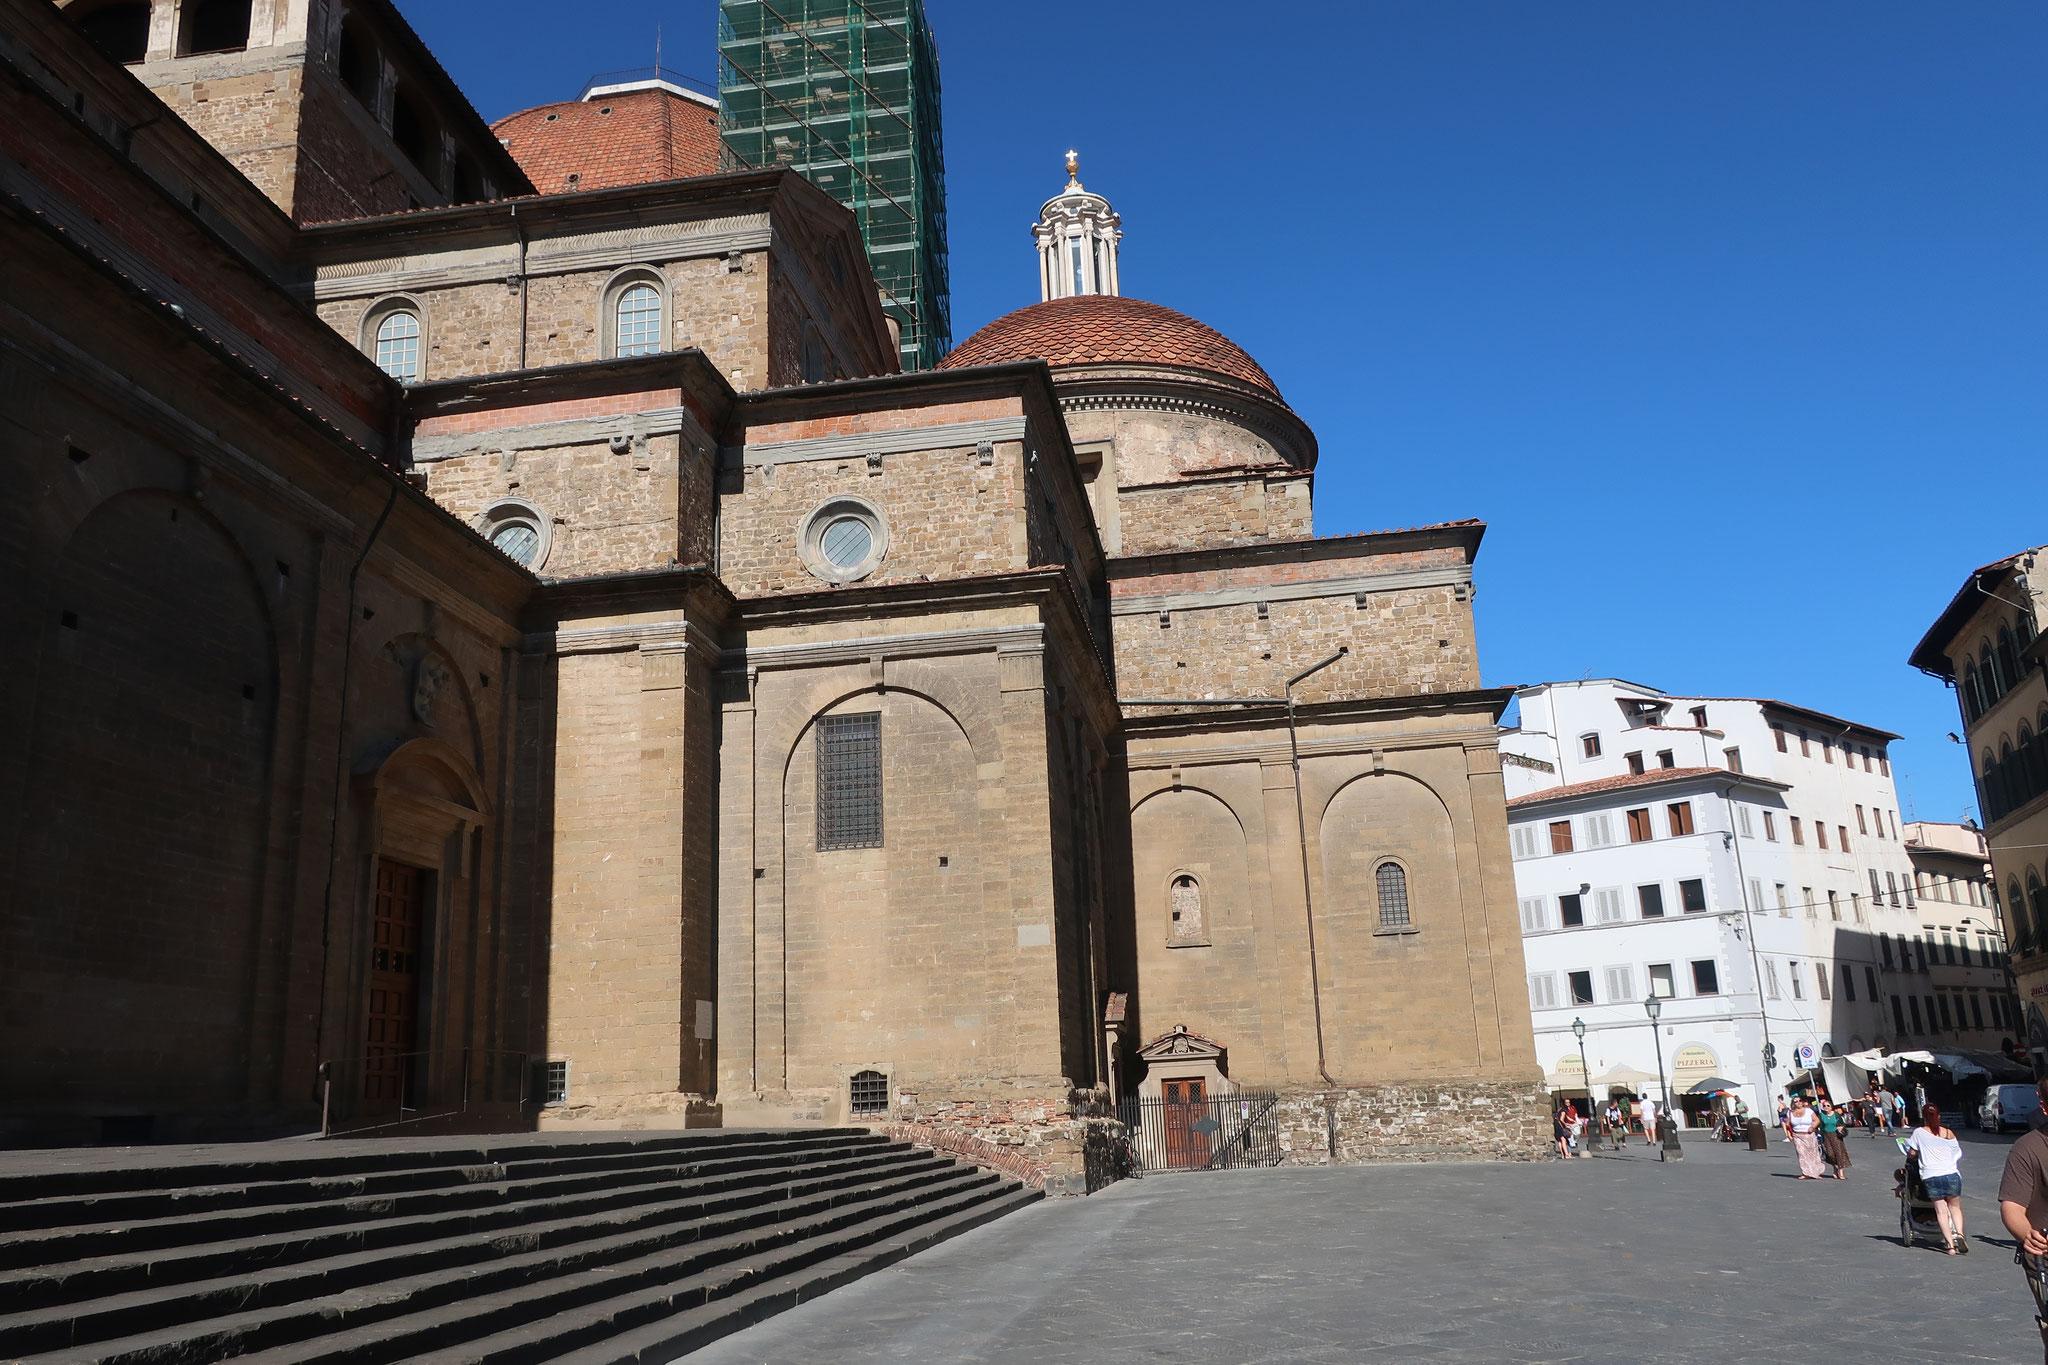 サン・ロレンツォ教会。15世紀建築。メディチ家代々の菩提寺です。